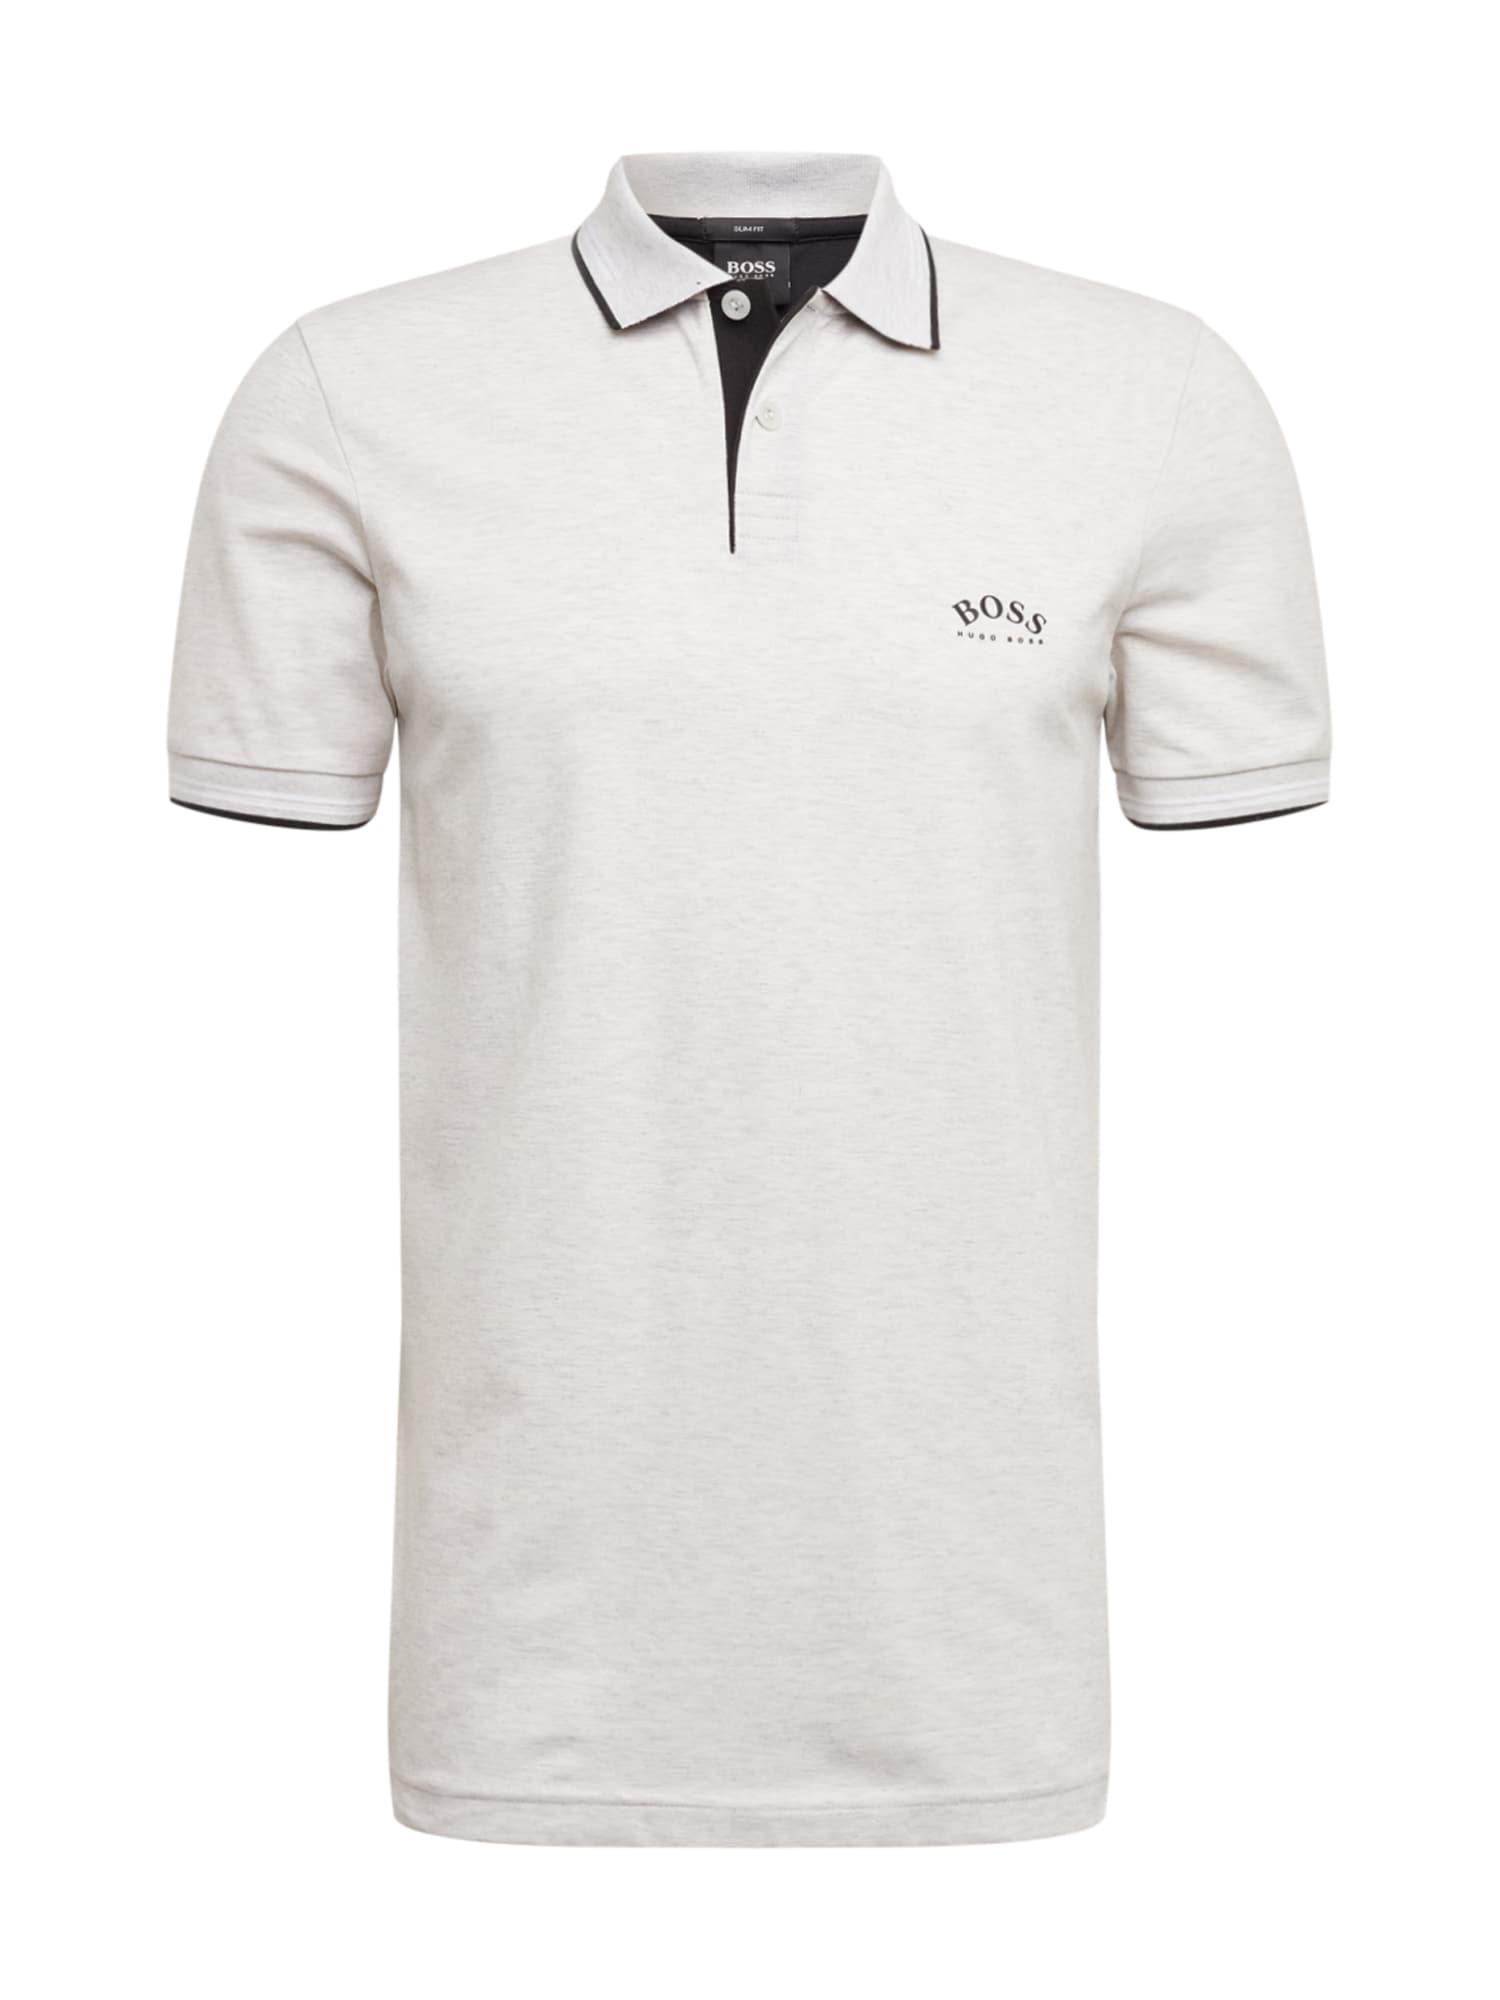 BOSS ATHLEISURE Marškinėliai 'Paul Curved' šviesiai pilka